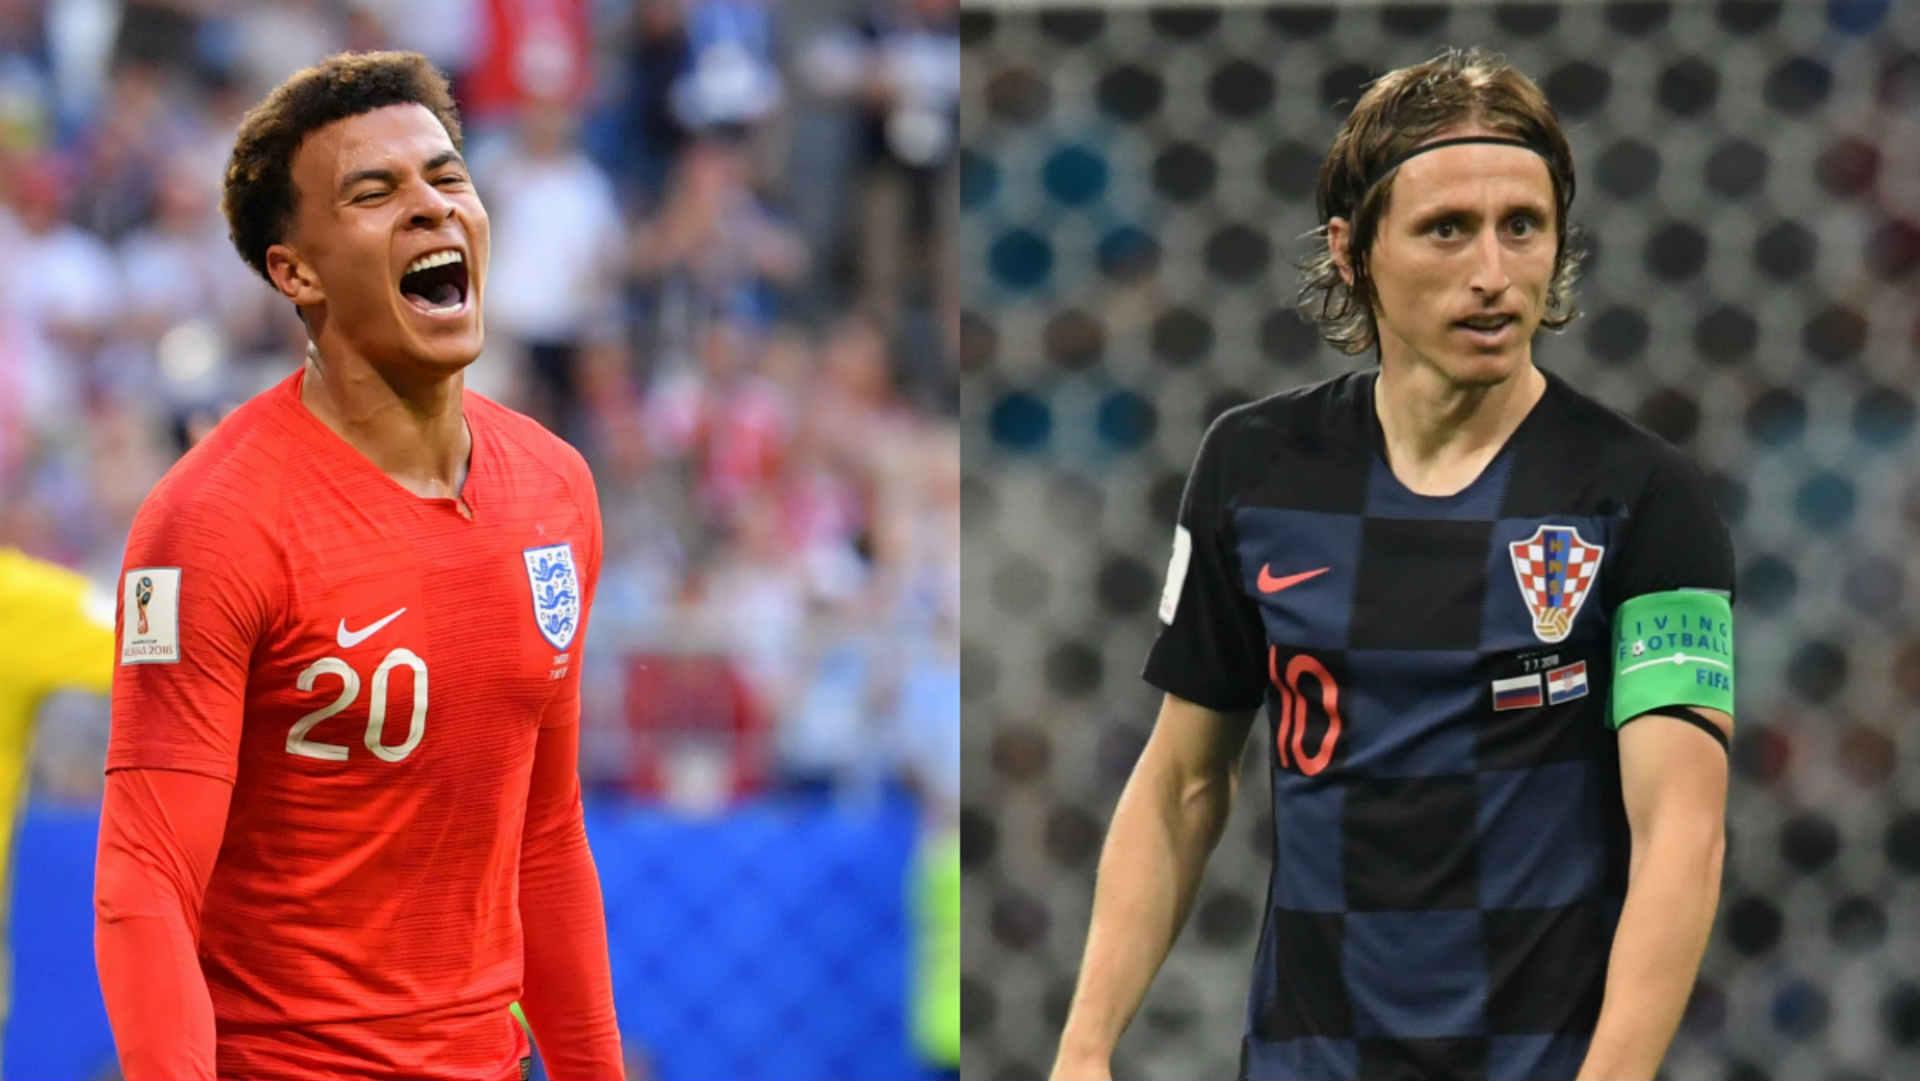 إنجلترا ضد كرواتيا  ..  أبرز مباريات اليوم في الملاعب العالمية والعربية والقنوات الناقلة